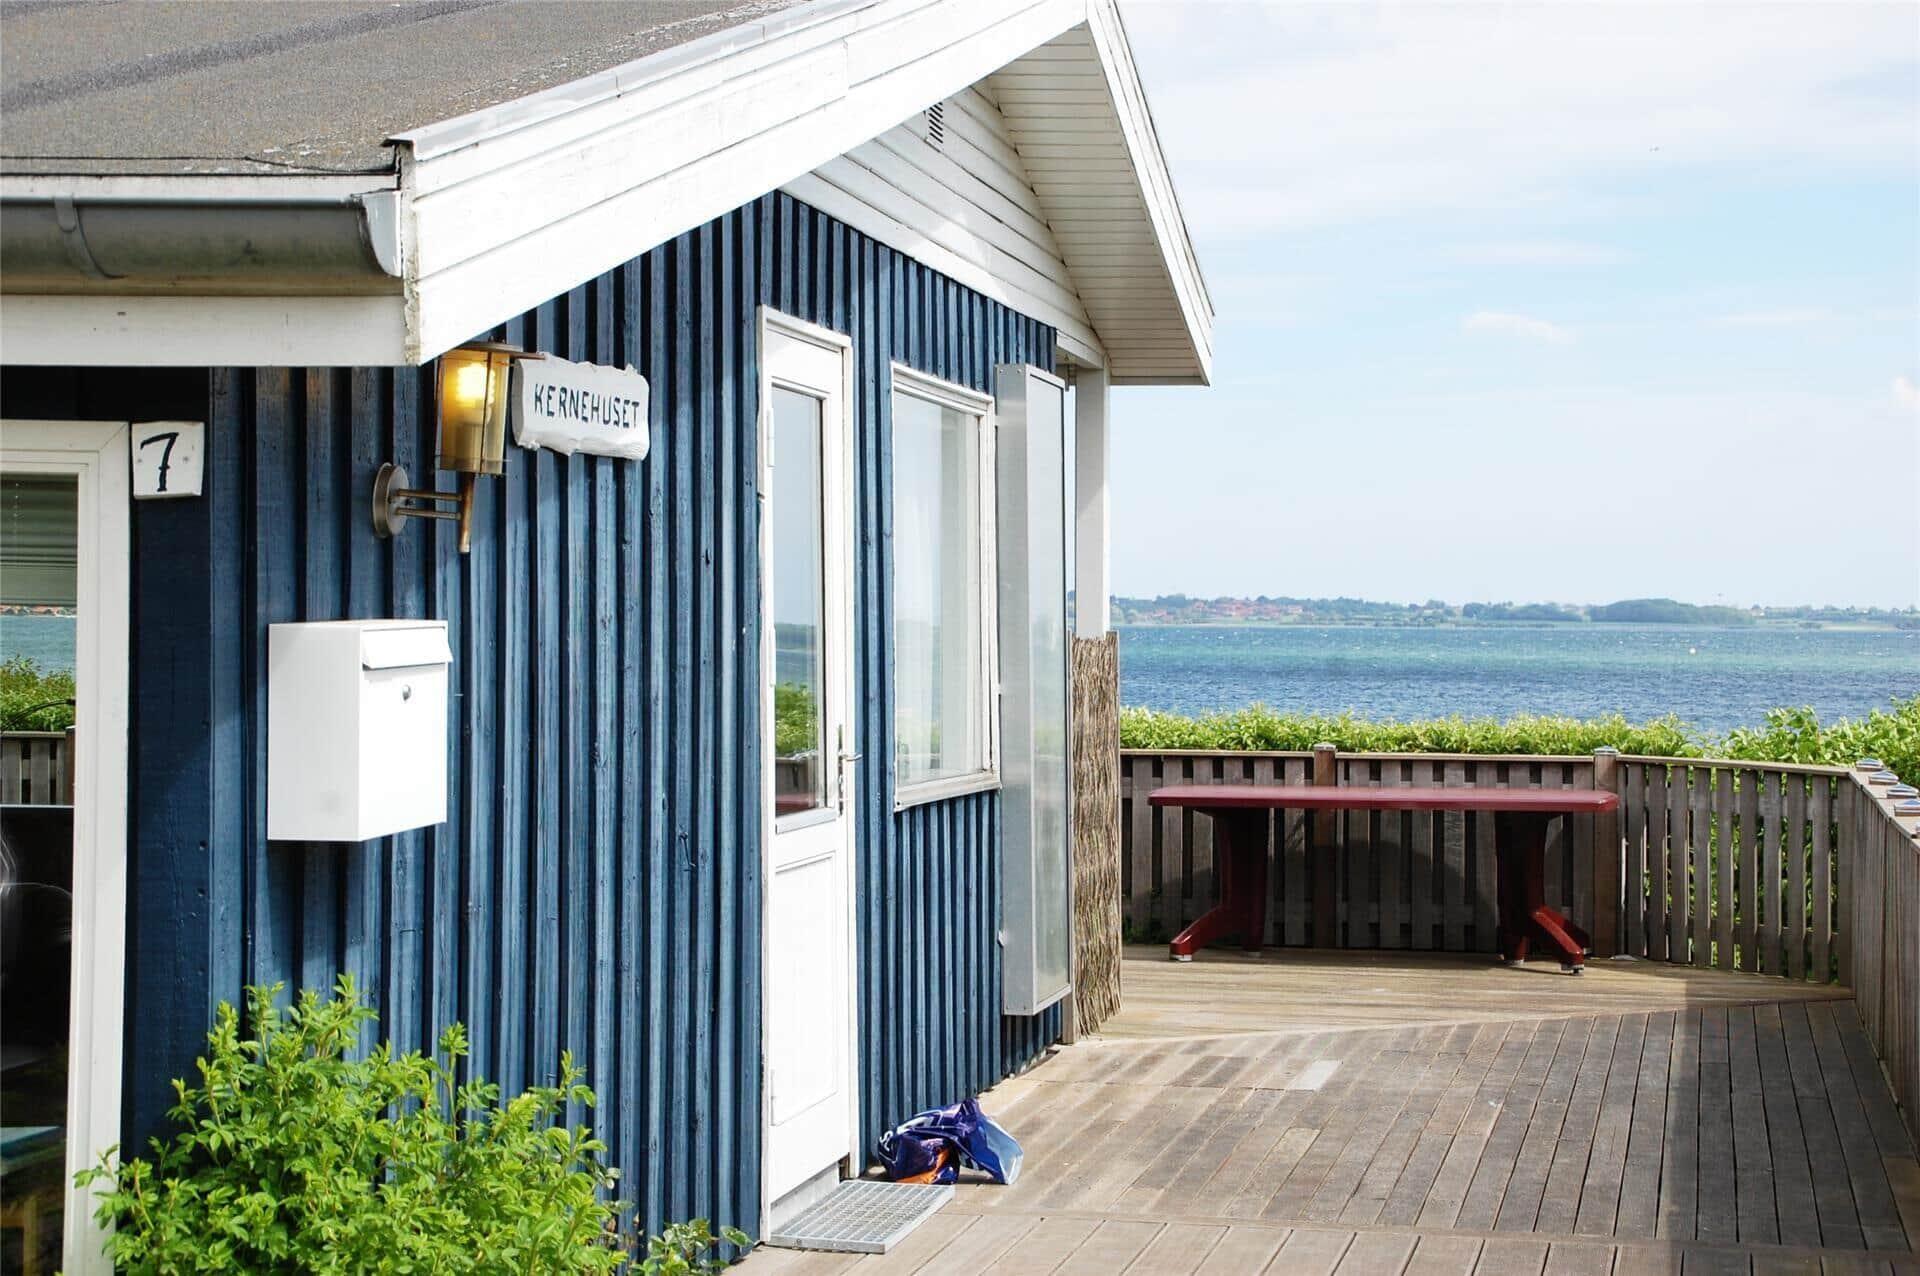 Billede 1-3 Sommerhus F50419, Æblehaven 7, DK - 6300 Gråsten